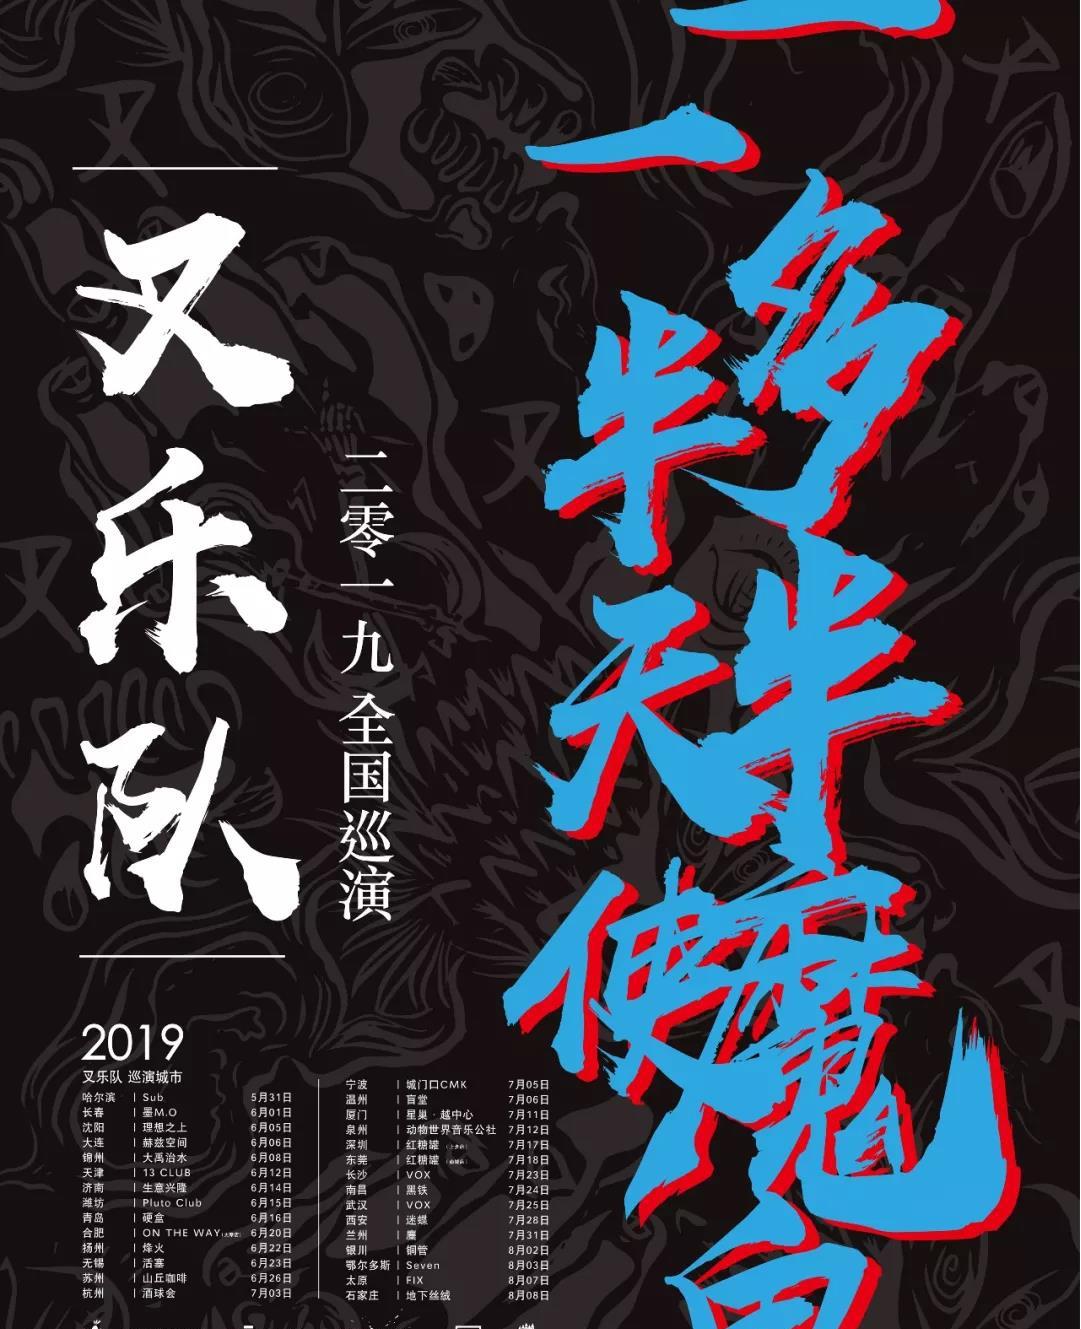 2019叉樂隊寧波演唱會